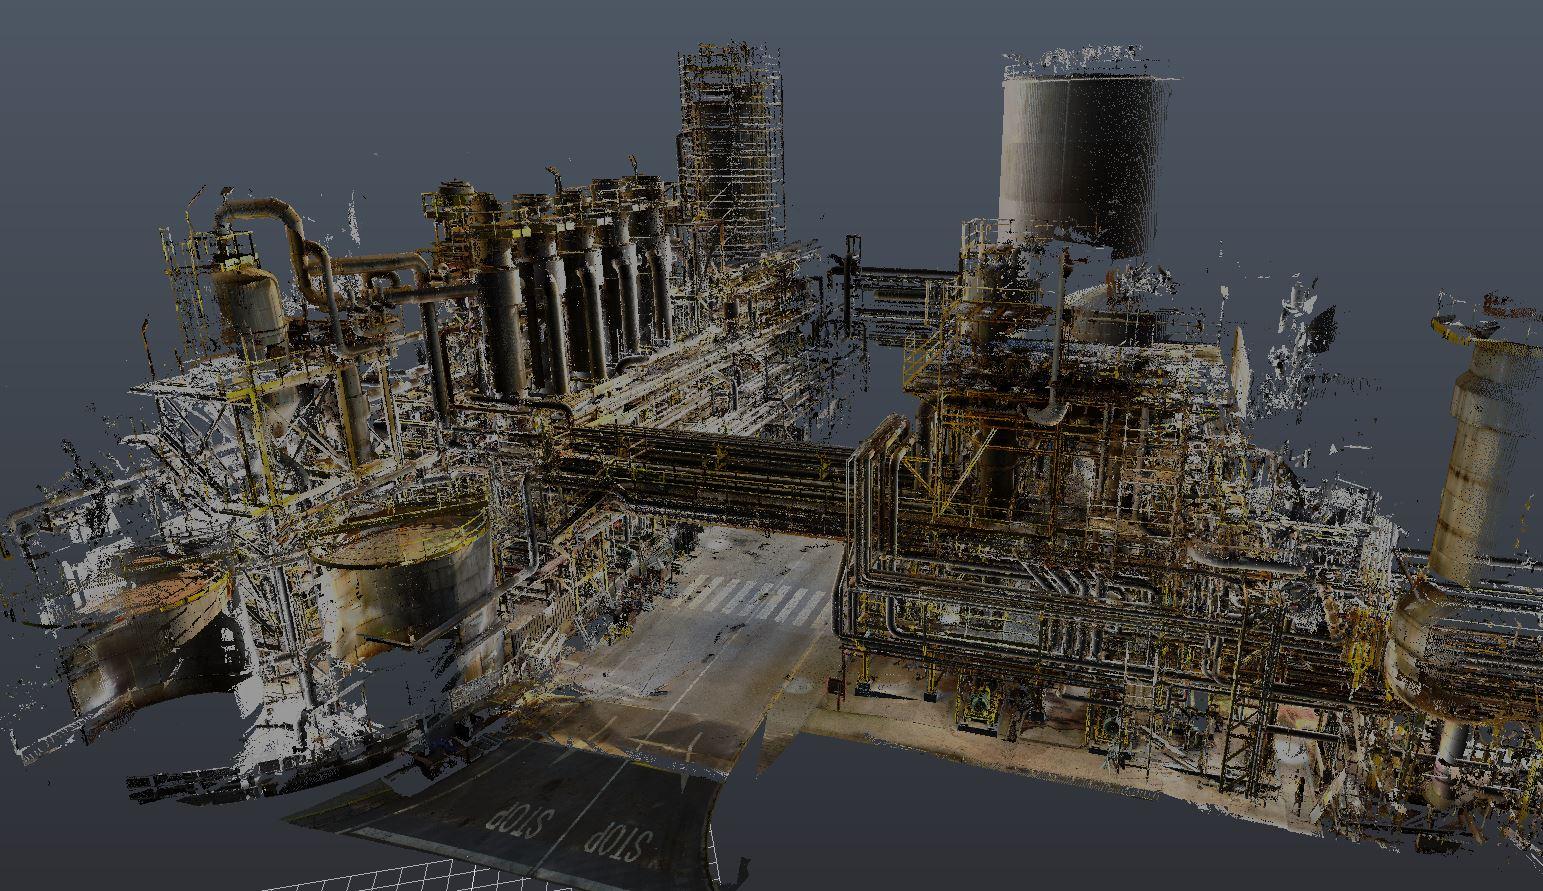 Escaneado láser 3D _ As built - ANSI